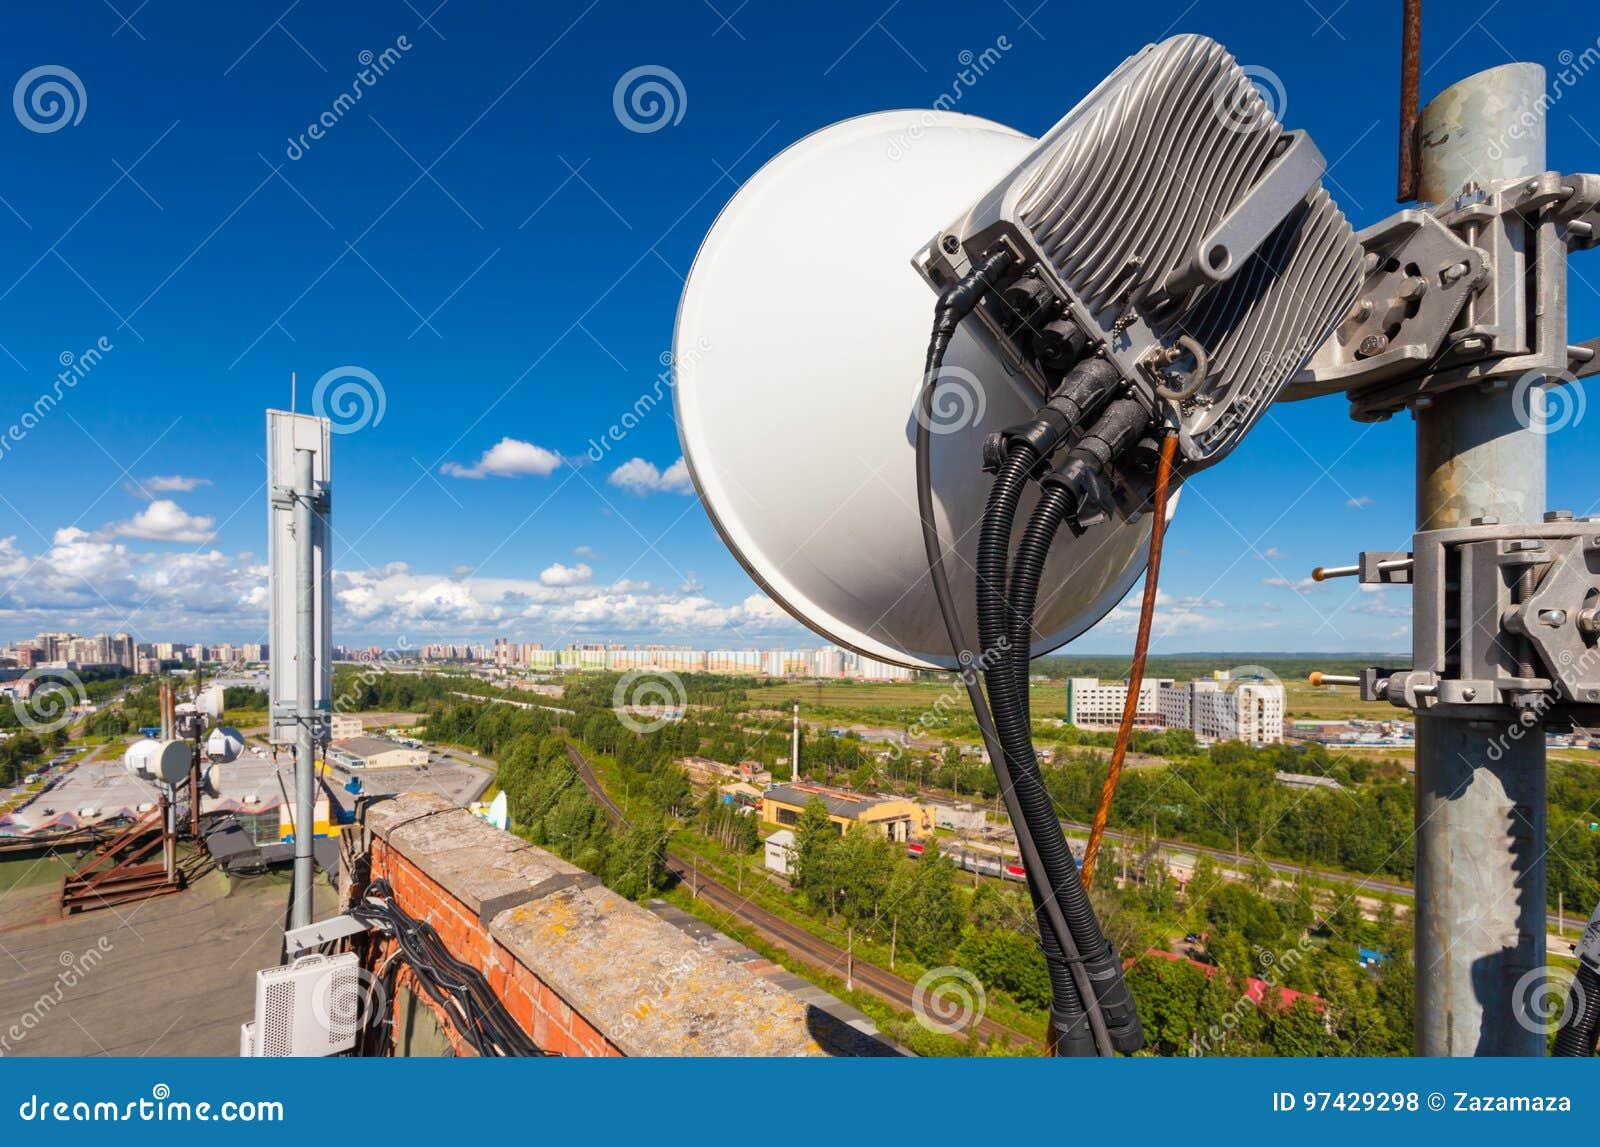 Telekomunikaci wierza z bezprzewodowymi teletechnicznymi systemami zawiera mikrofali, panel anten, włókna, wzrokowego i władzy ca